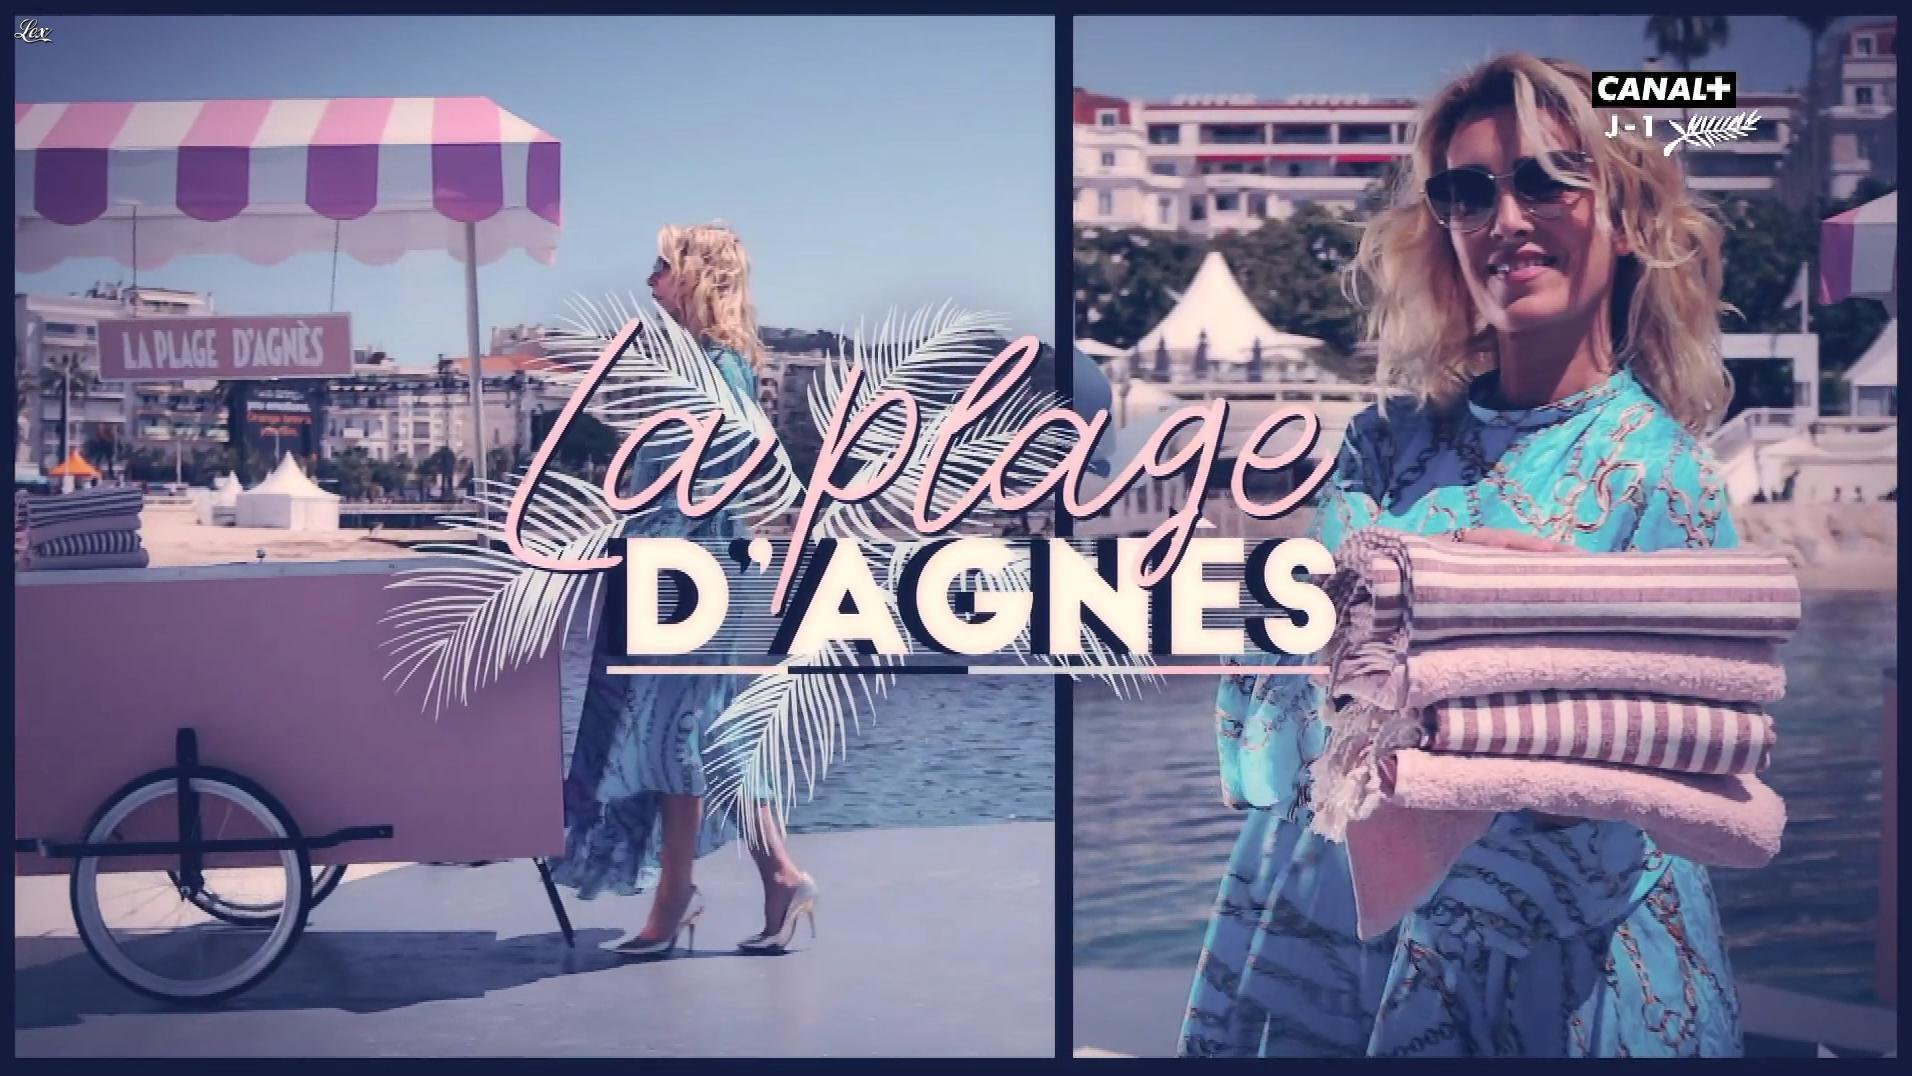 Mademoiselle Agnès dans la Plage d'Agnes. Diffusé à la télévision le 24/05/19.